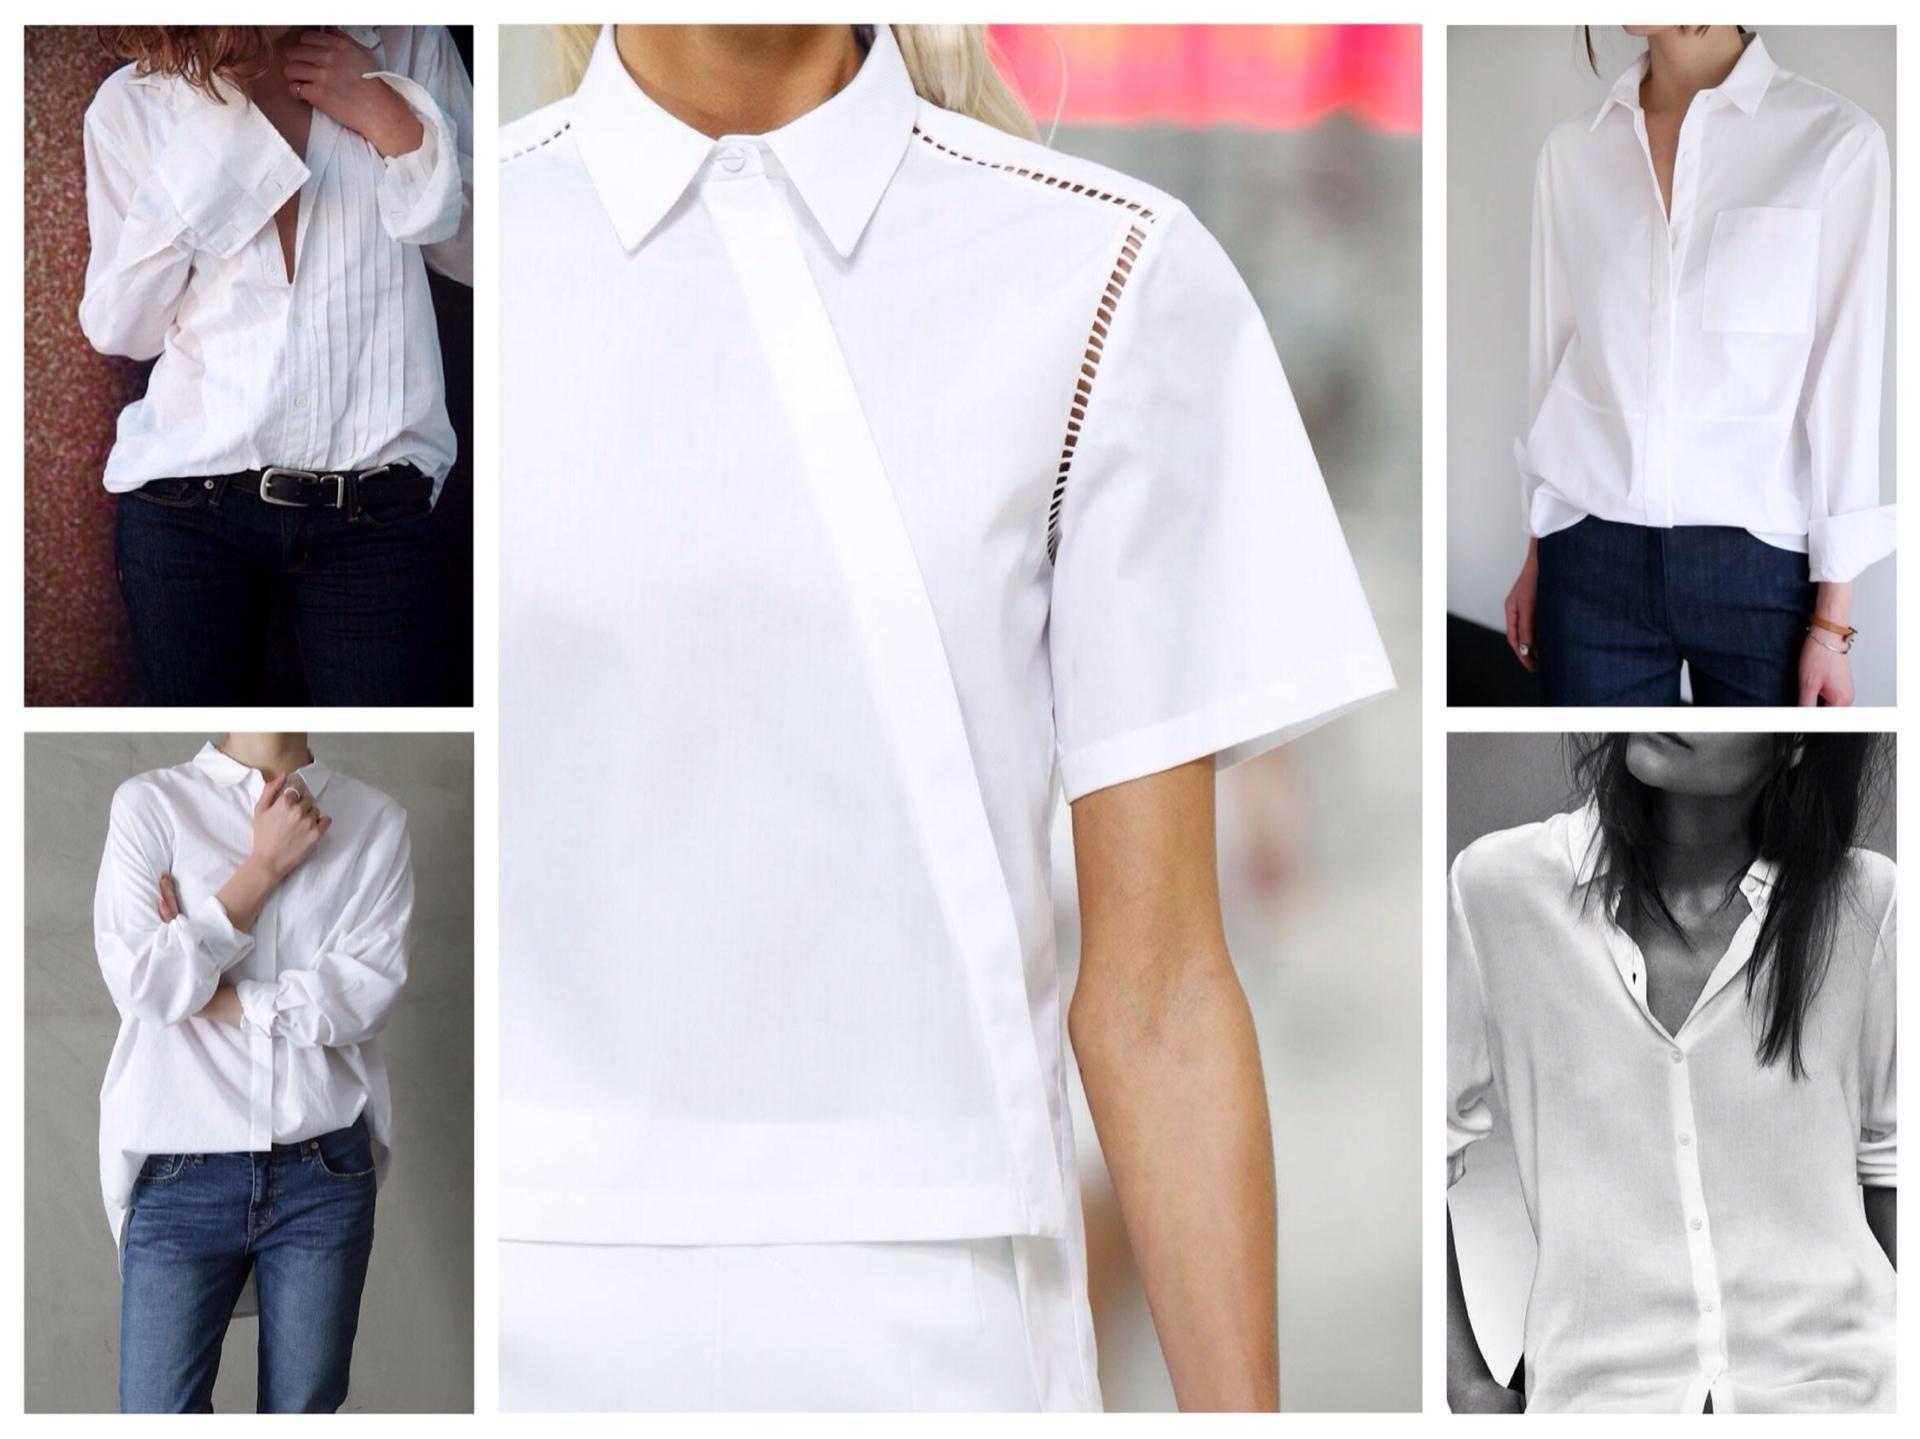 efe82c33d5b варианты фасонов белых рубашек. Варианты моделей. Белая ...